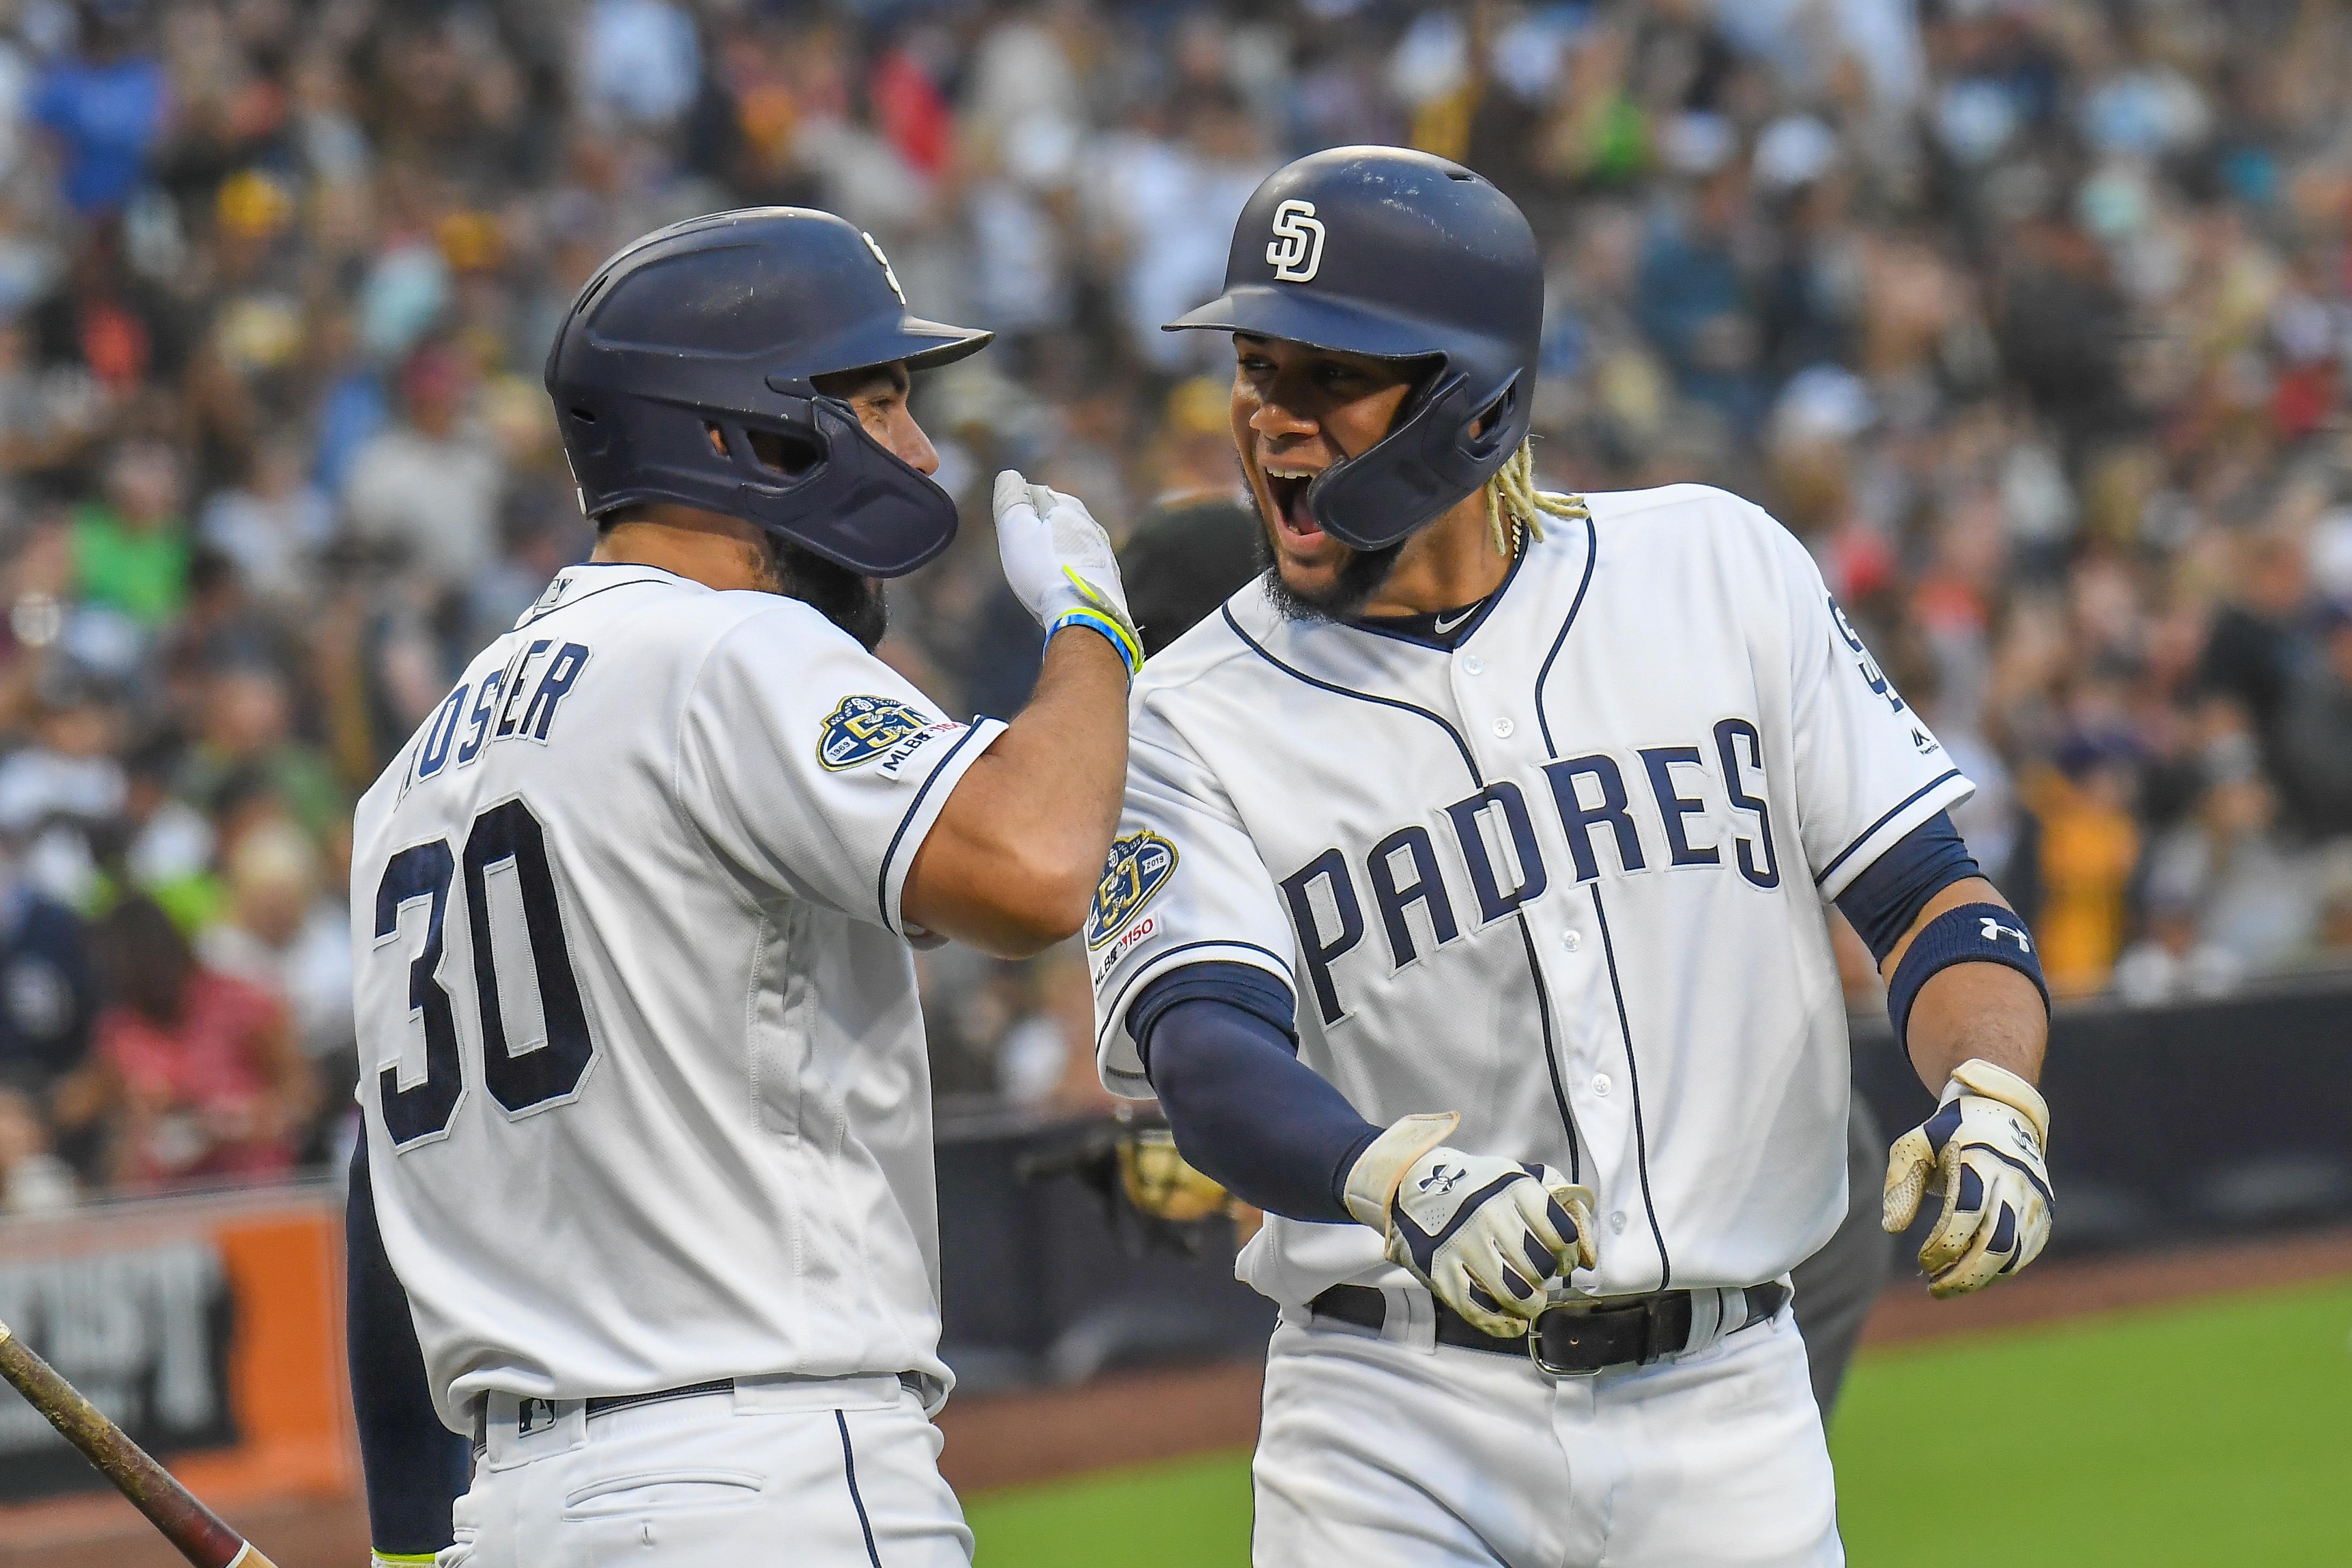 MLB: JUL 03 Giants at Padres